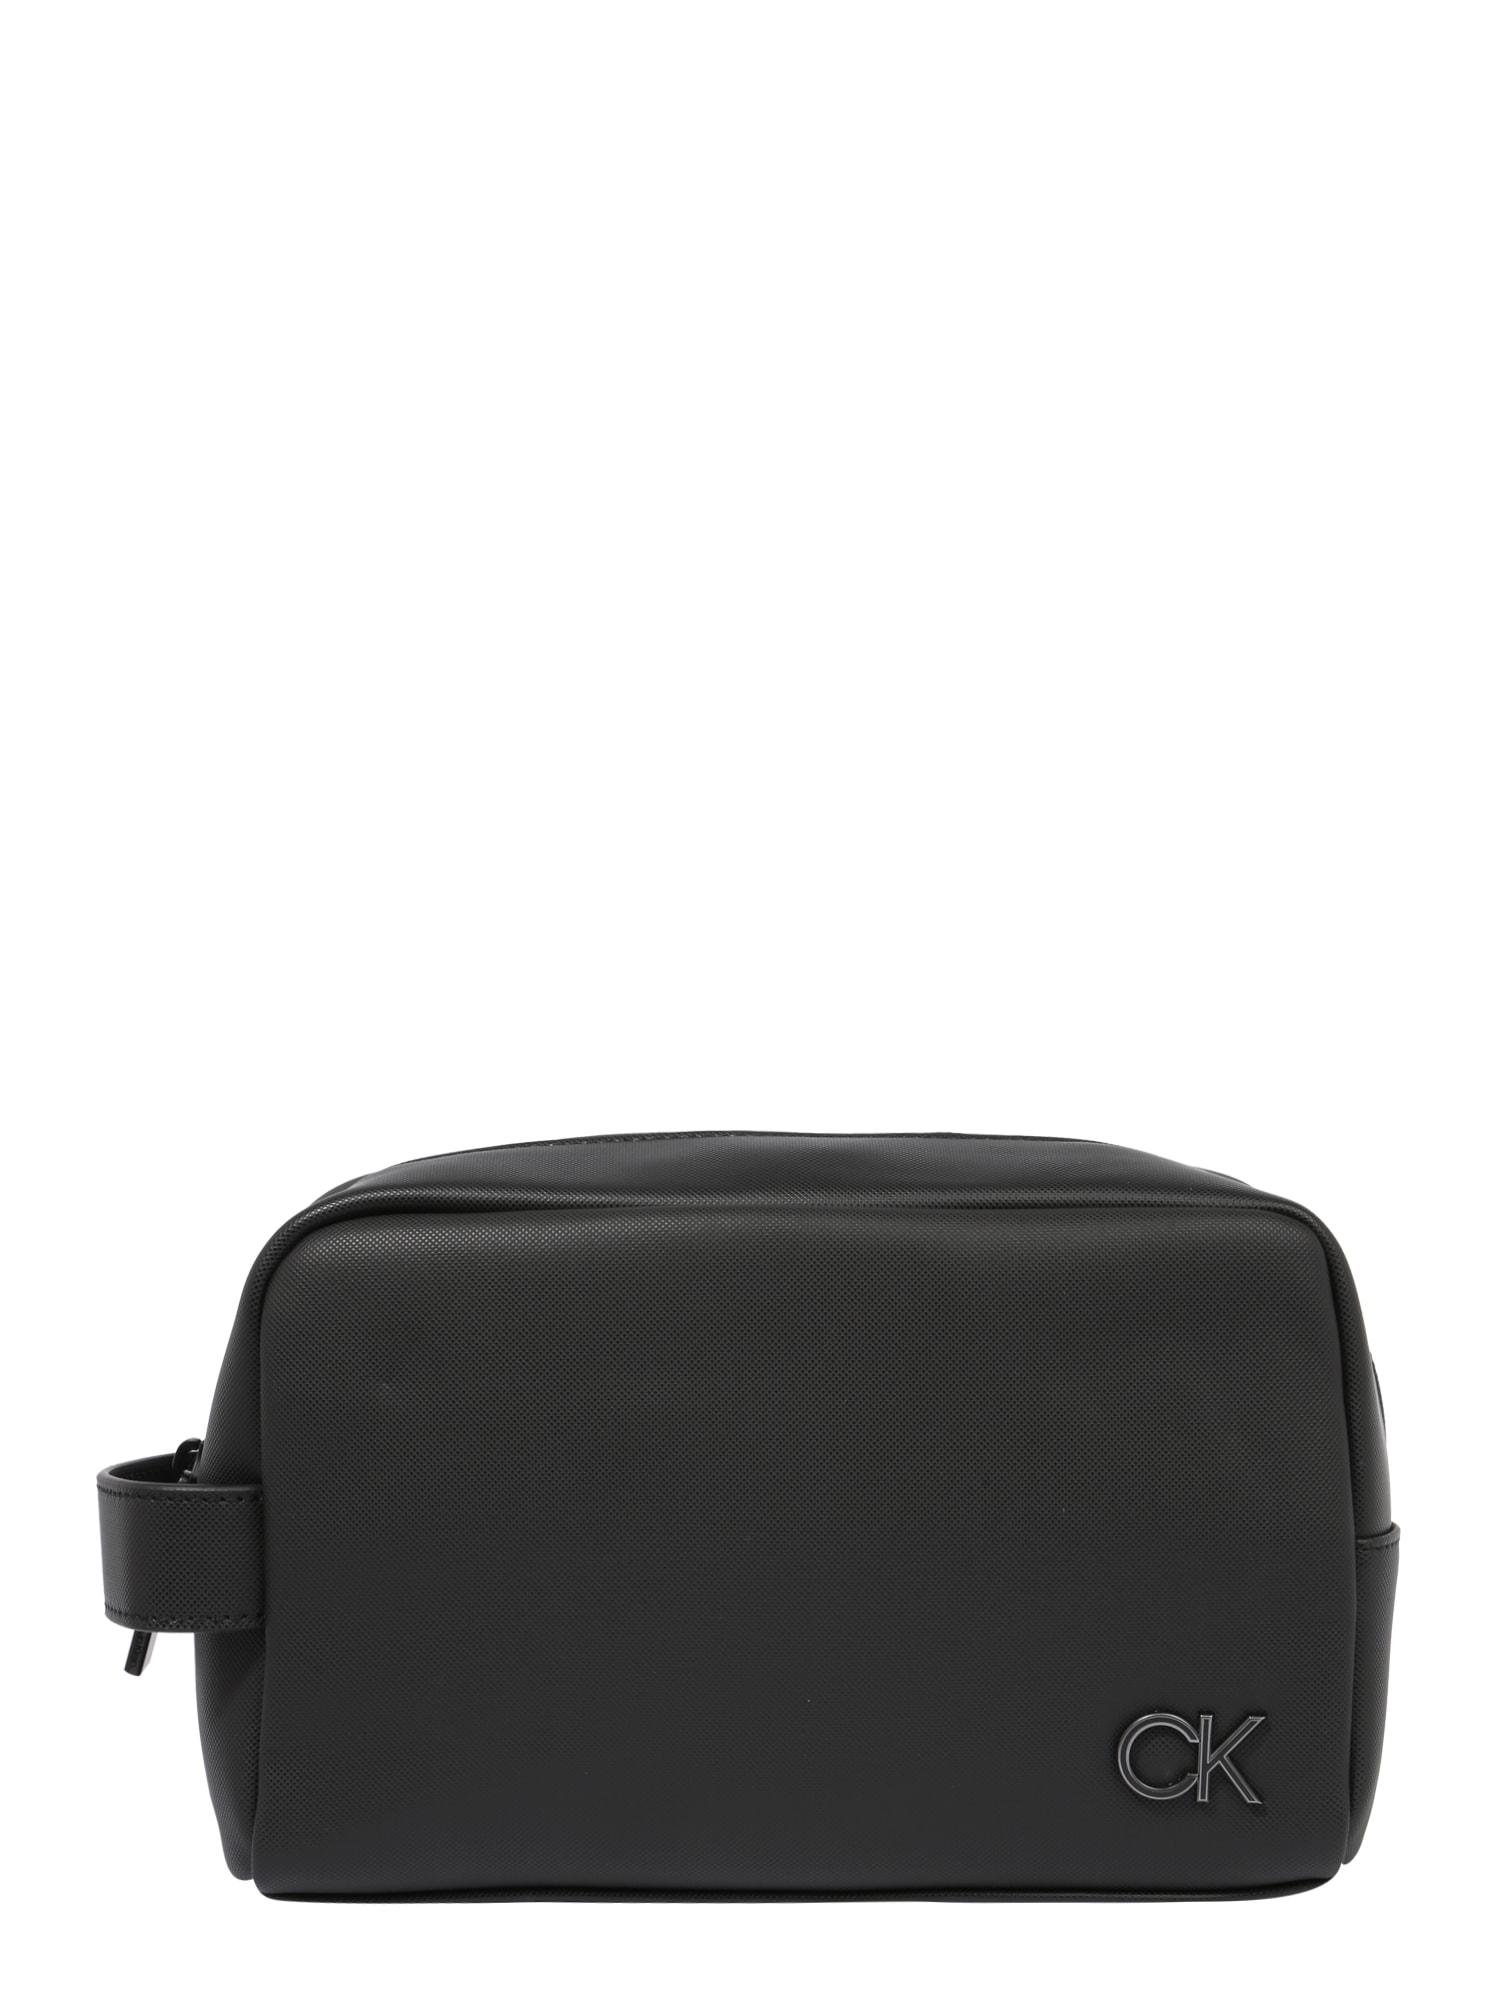 Calvin Klein Tualeto reikmenų / kosmetikos krepšys juoda